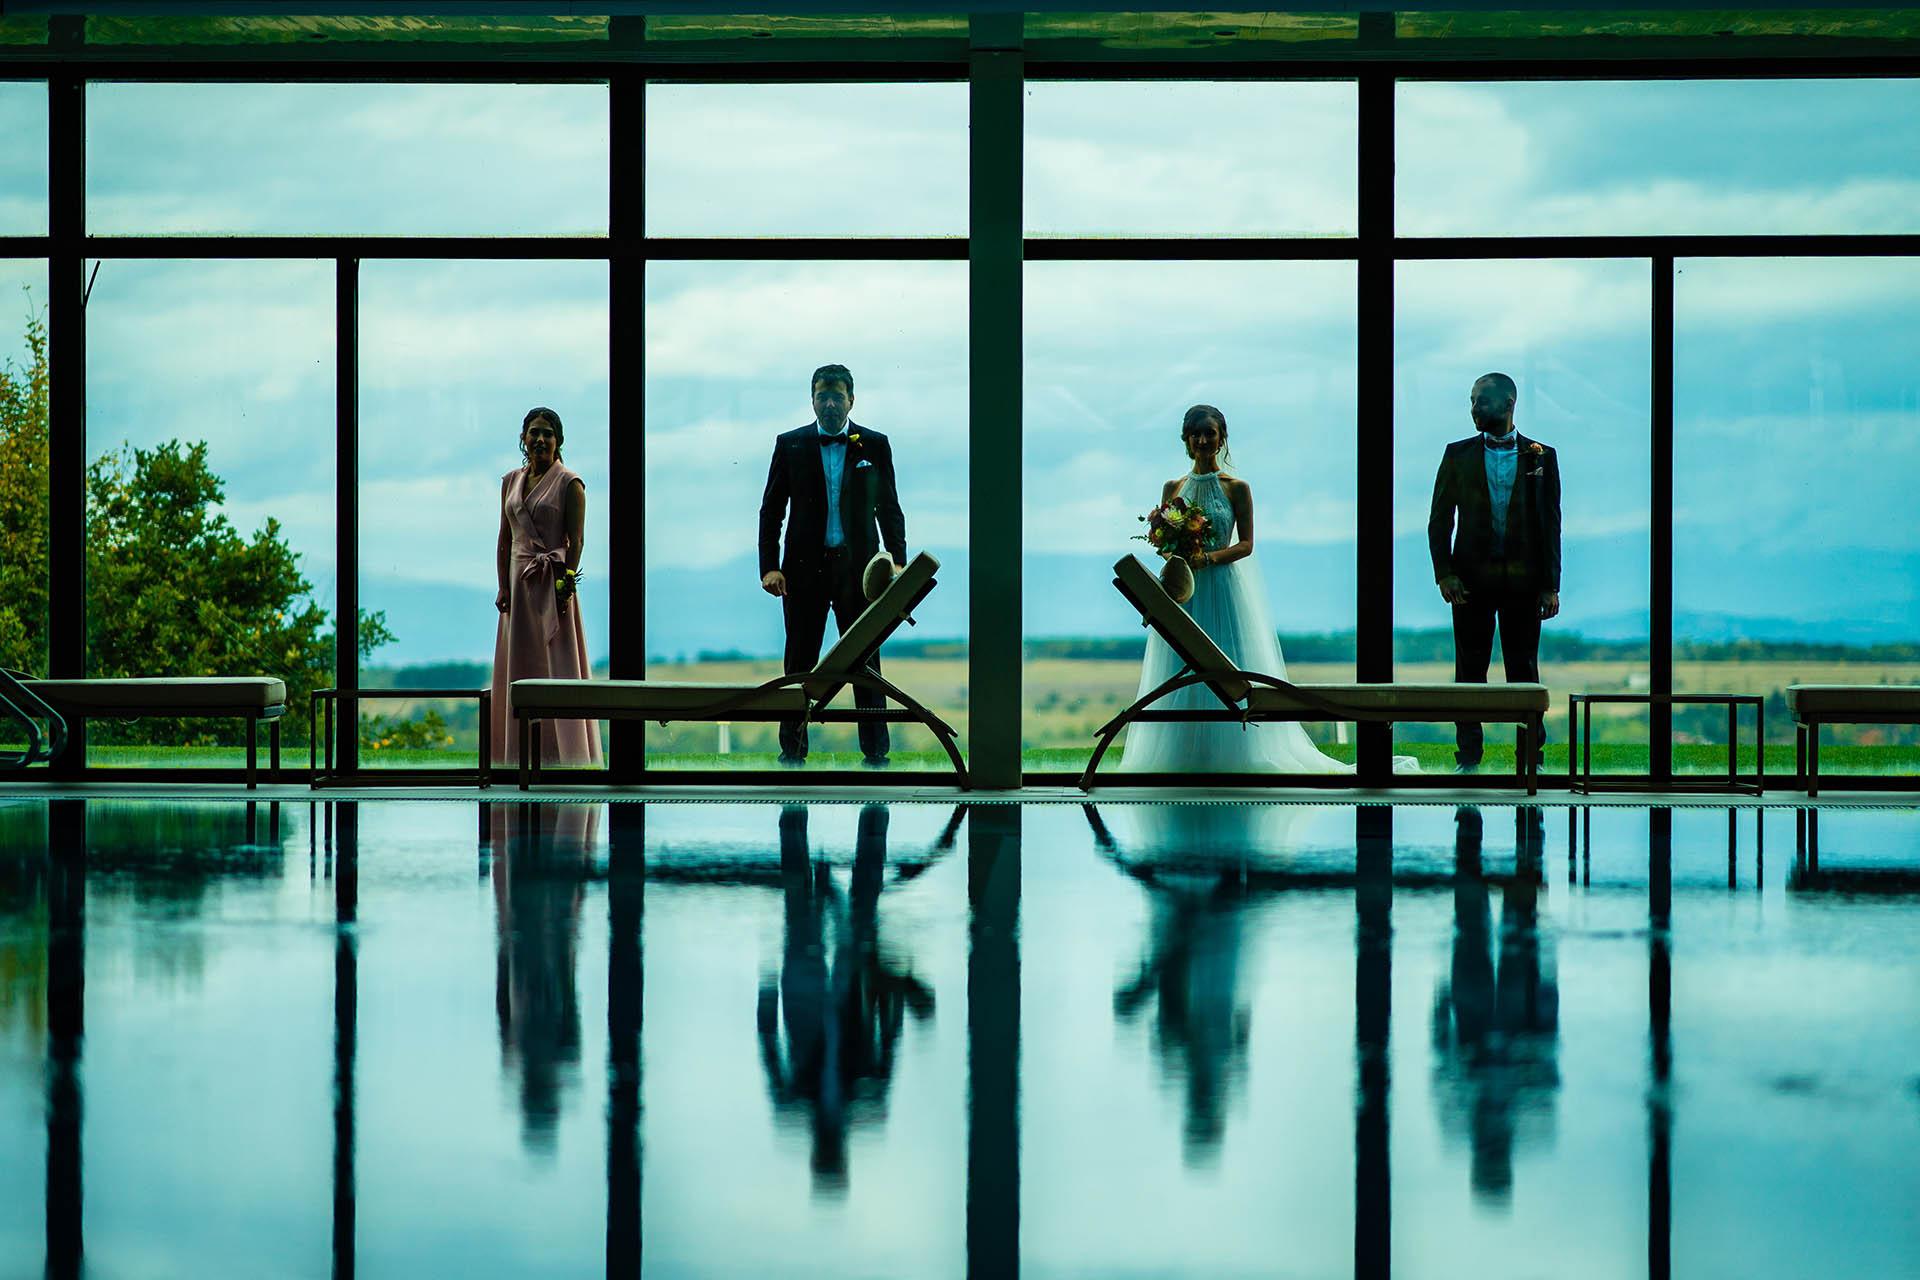 Vakarel, Bulgaria Villa Ekaterina Wedding Party Portrait | La sposa e lo sposo posano con la loro damigella d'onore e testimone